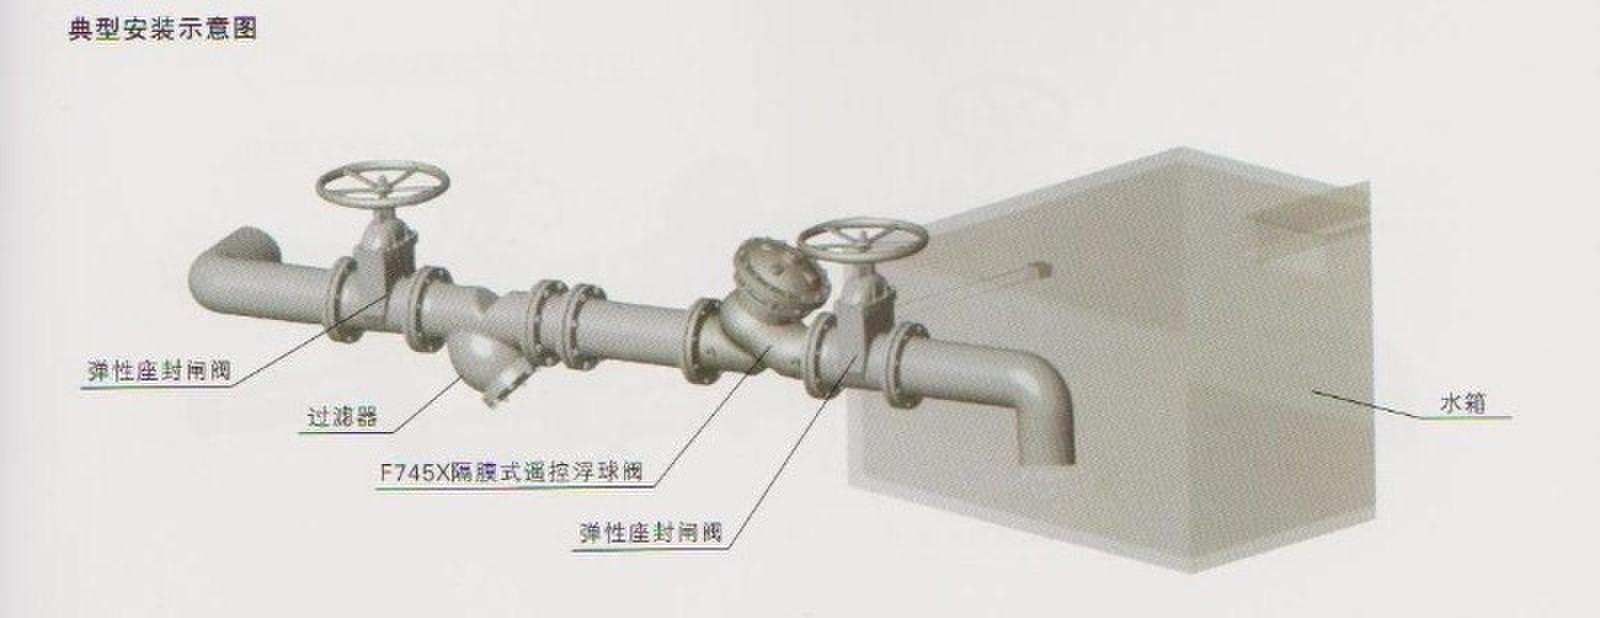 一、遥控浮球阀工作原理: 当管道从进水端给水时,由于针阀、球阀、浮球阀是常开的,水通过微型过滤器、针阀、控制室、球阀、浮球阀进入水池,此时控制室不形成压力,主阀开启,水塔(池)供水。当水塔(池)的水面上升至设定高度时,浮球浮起关闭浮球阀,控制室内水压升高,推动主阀关闭,供水停止。当水面下降时,浮球阀重新开启,控制室水压下降,主阀再次开启继续供水,保持液面的设定高度。  二、遥控浮球阀的主要零件材料: